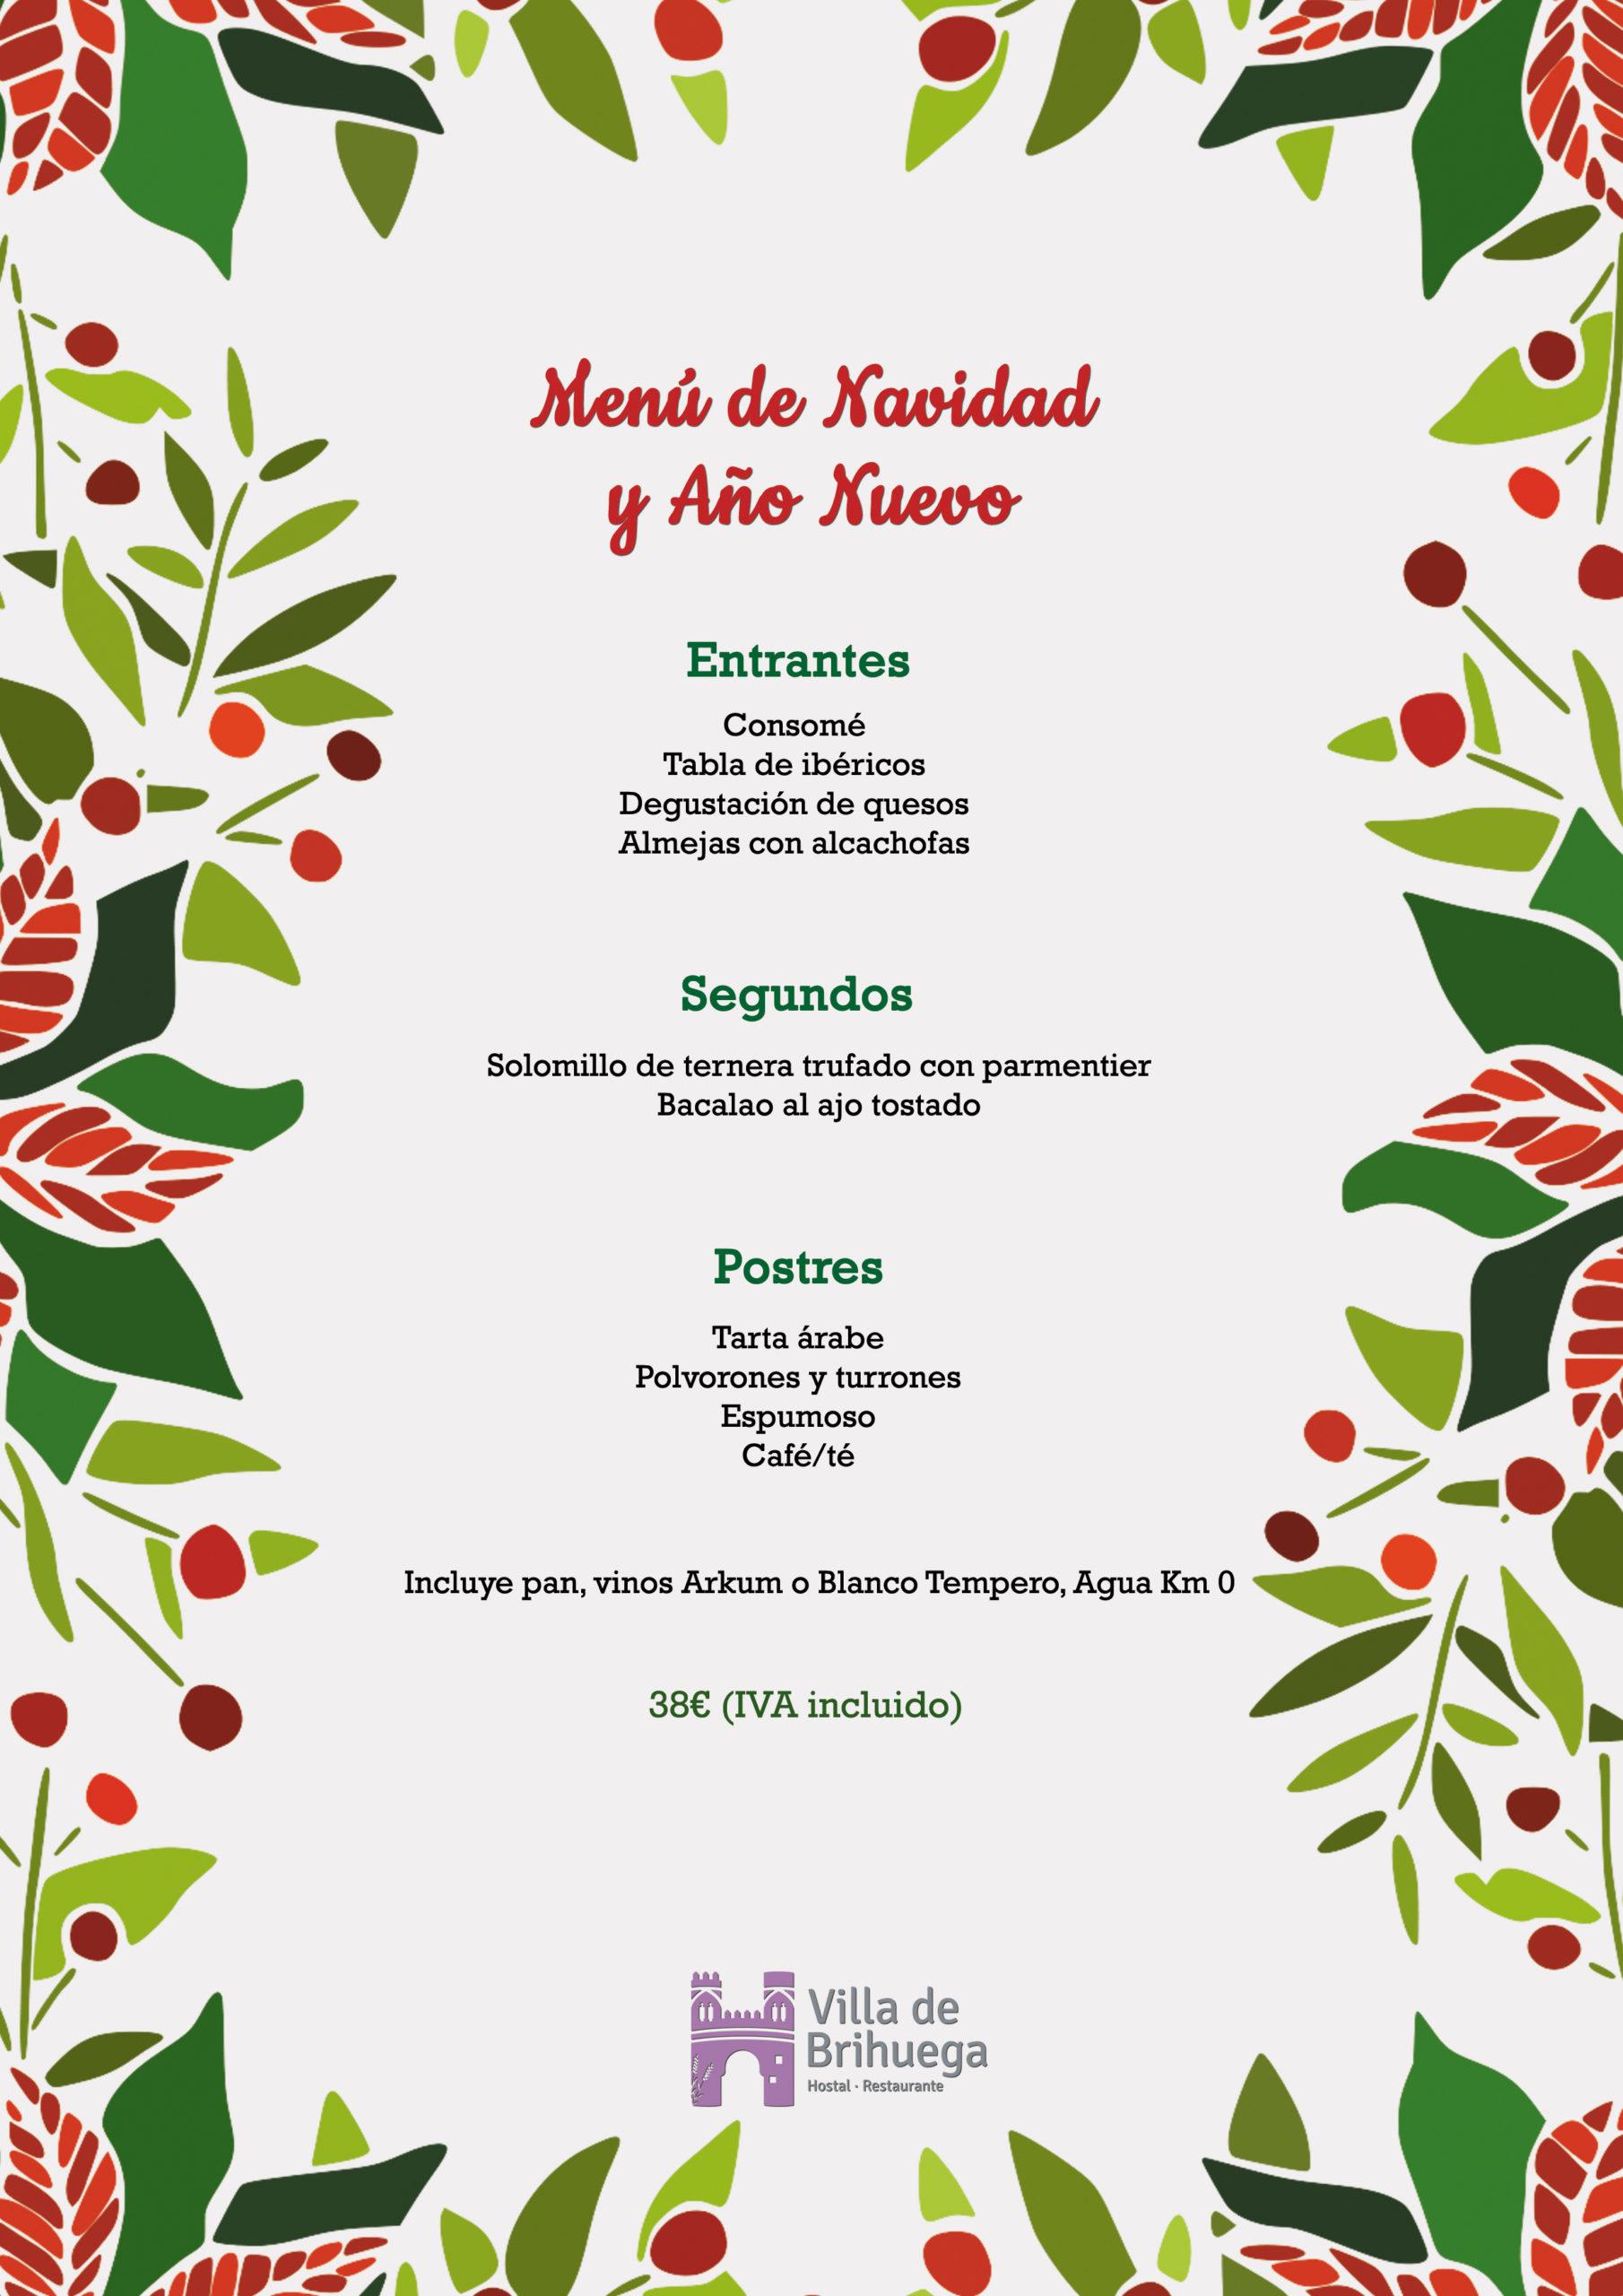 menú especial de navidad y año nuevo